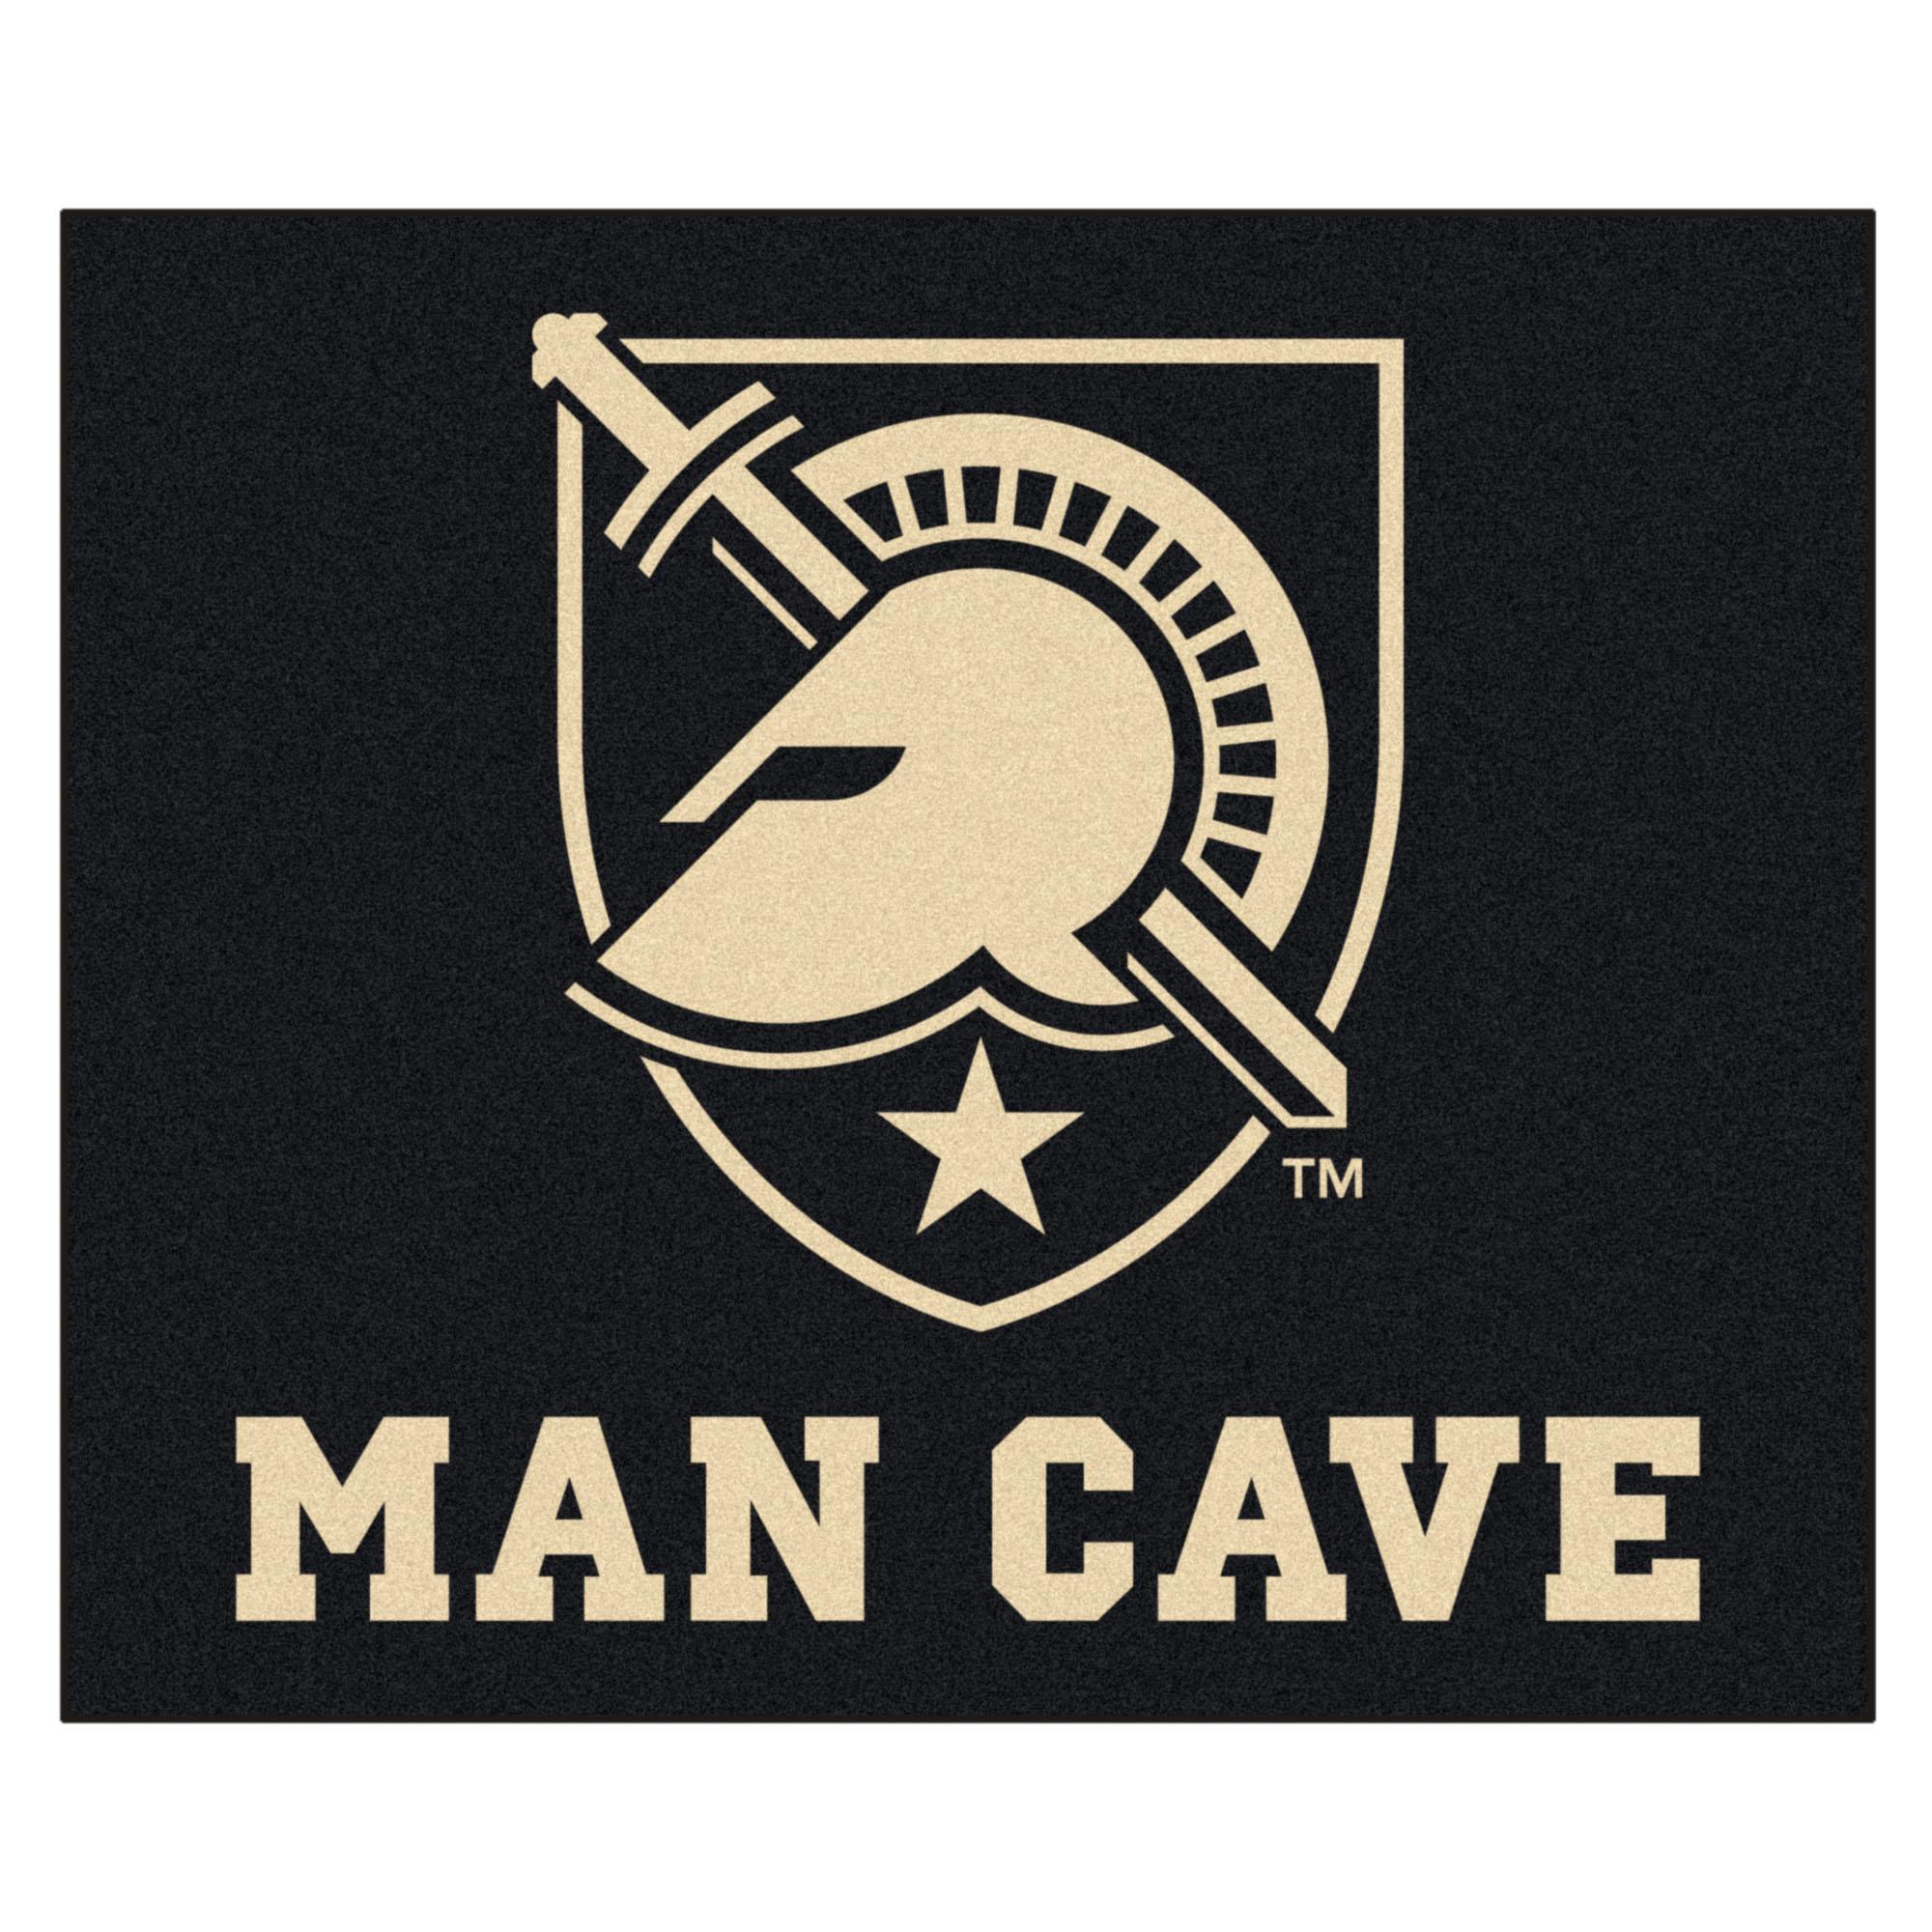 U.S. Military Academy Man Cave Tailgater Rectangular Mat Area Rug